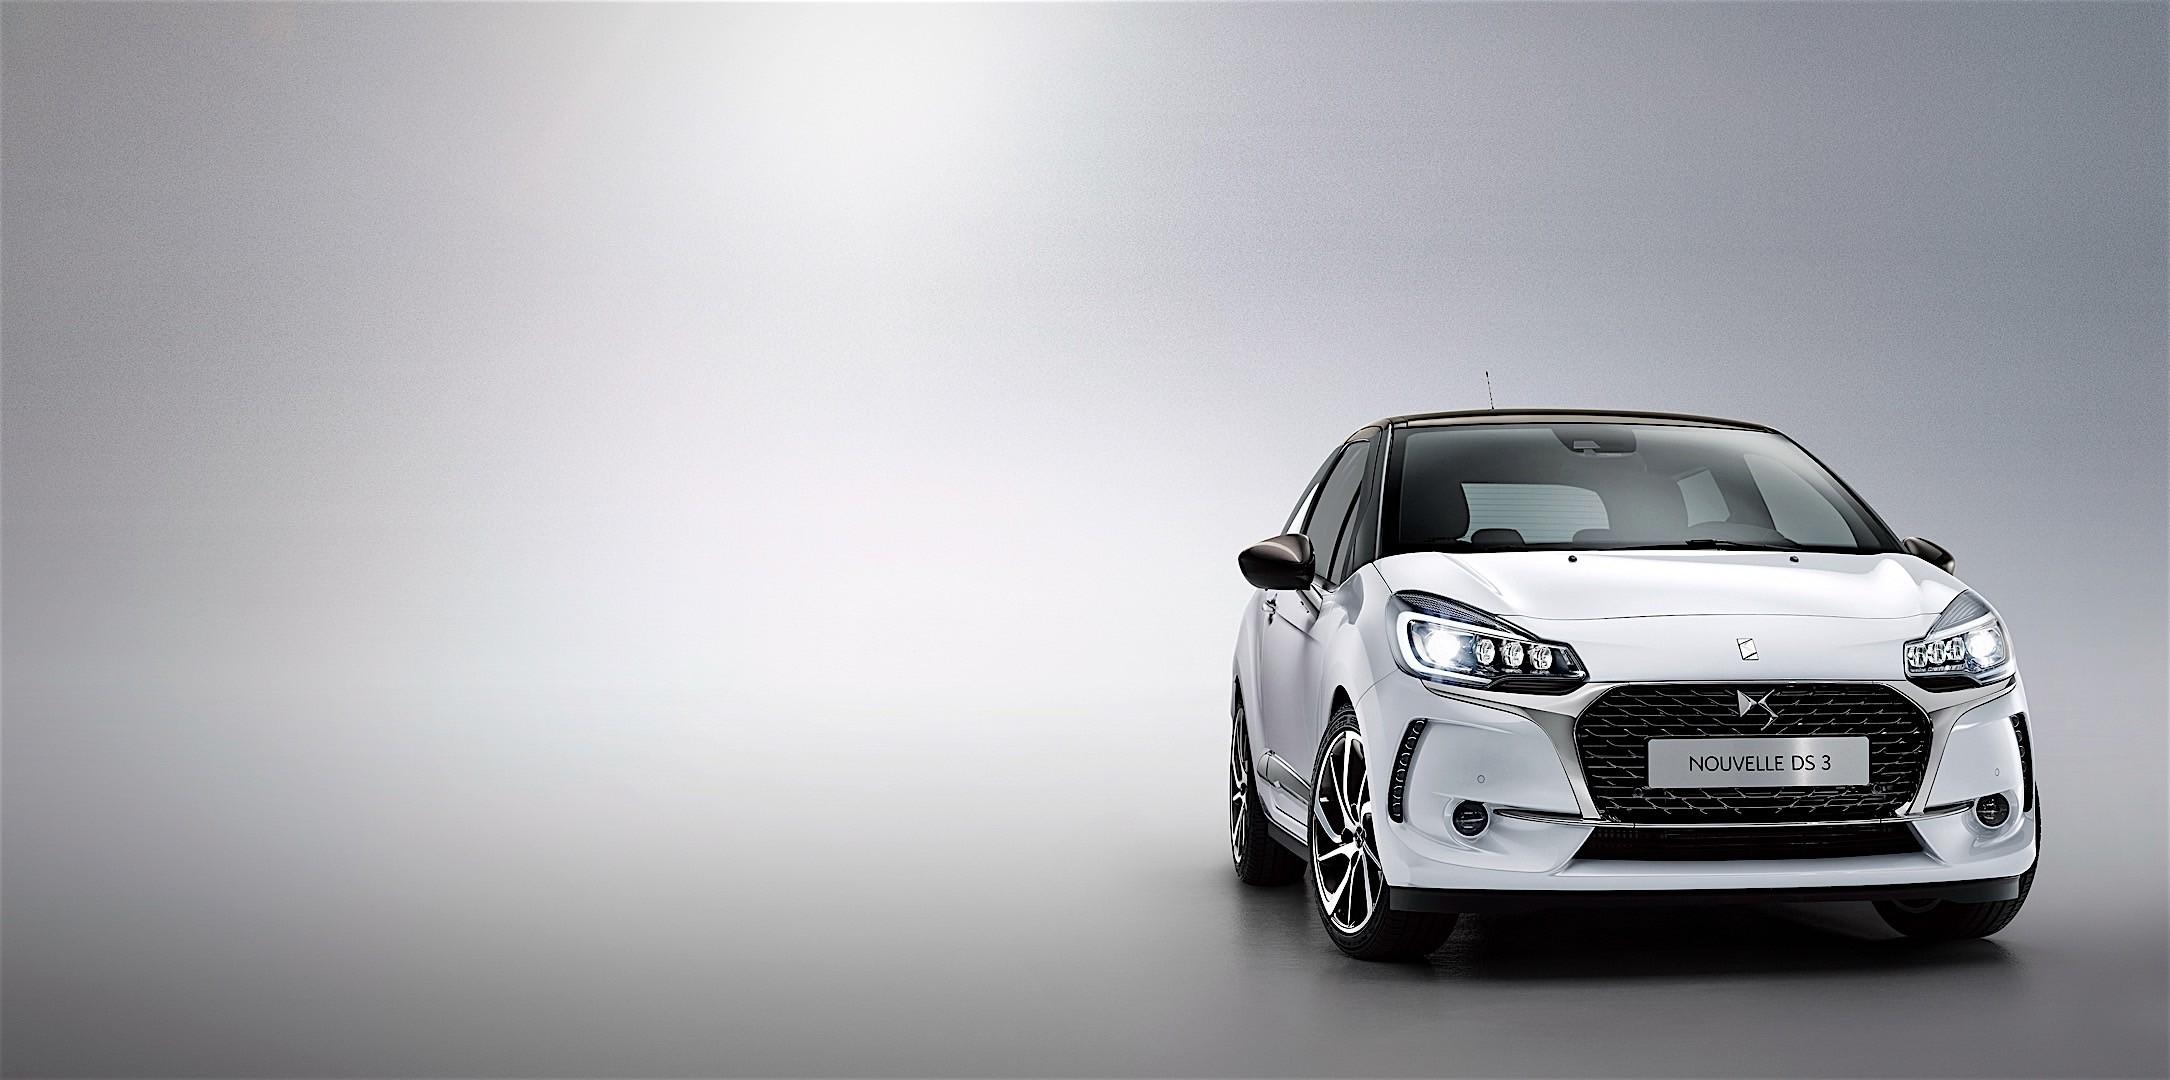 Ds Automobiles Ds3 Specs 2016 2017 2018 Autoevolution